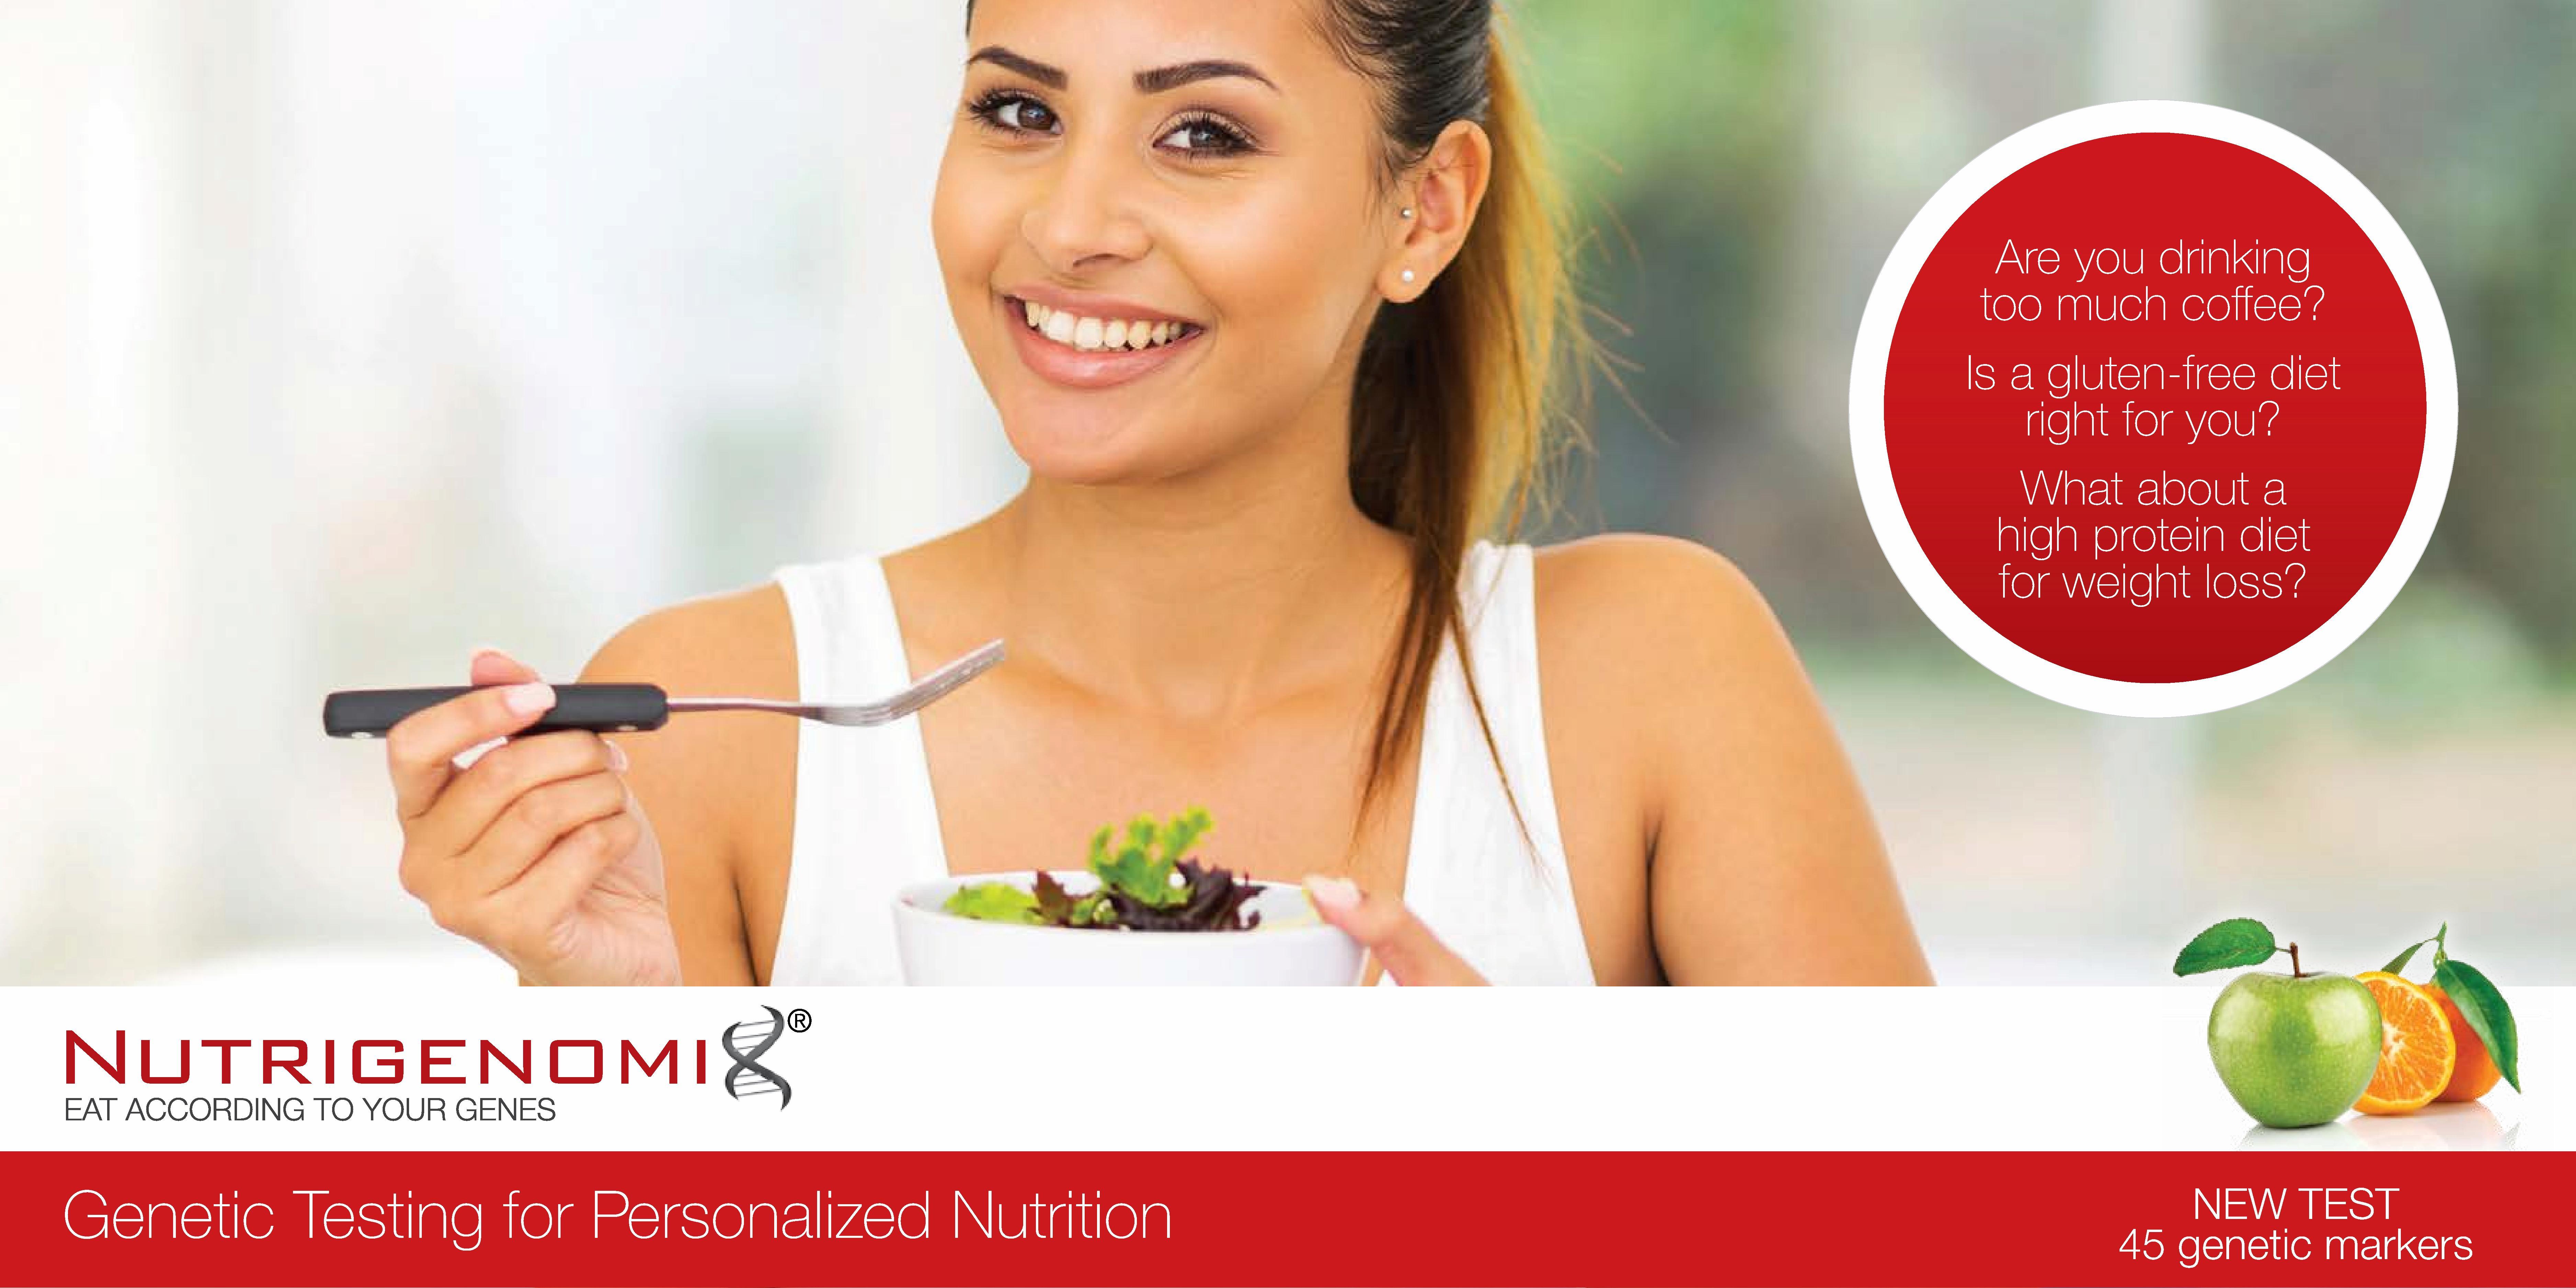 Nutrigenomix Health Brochure